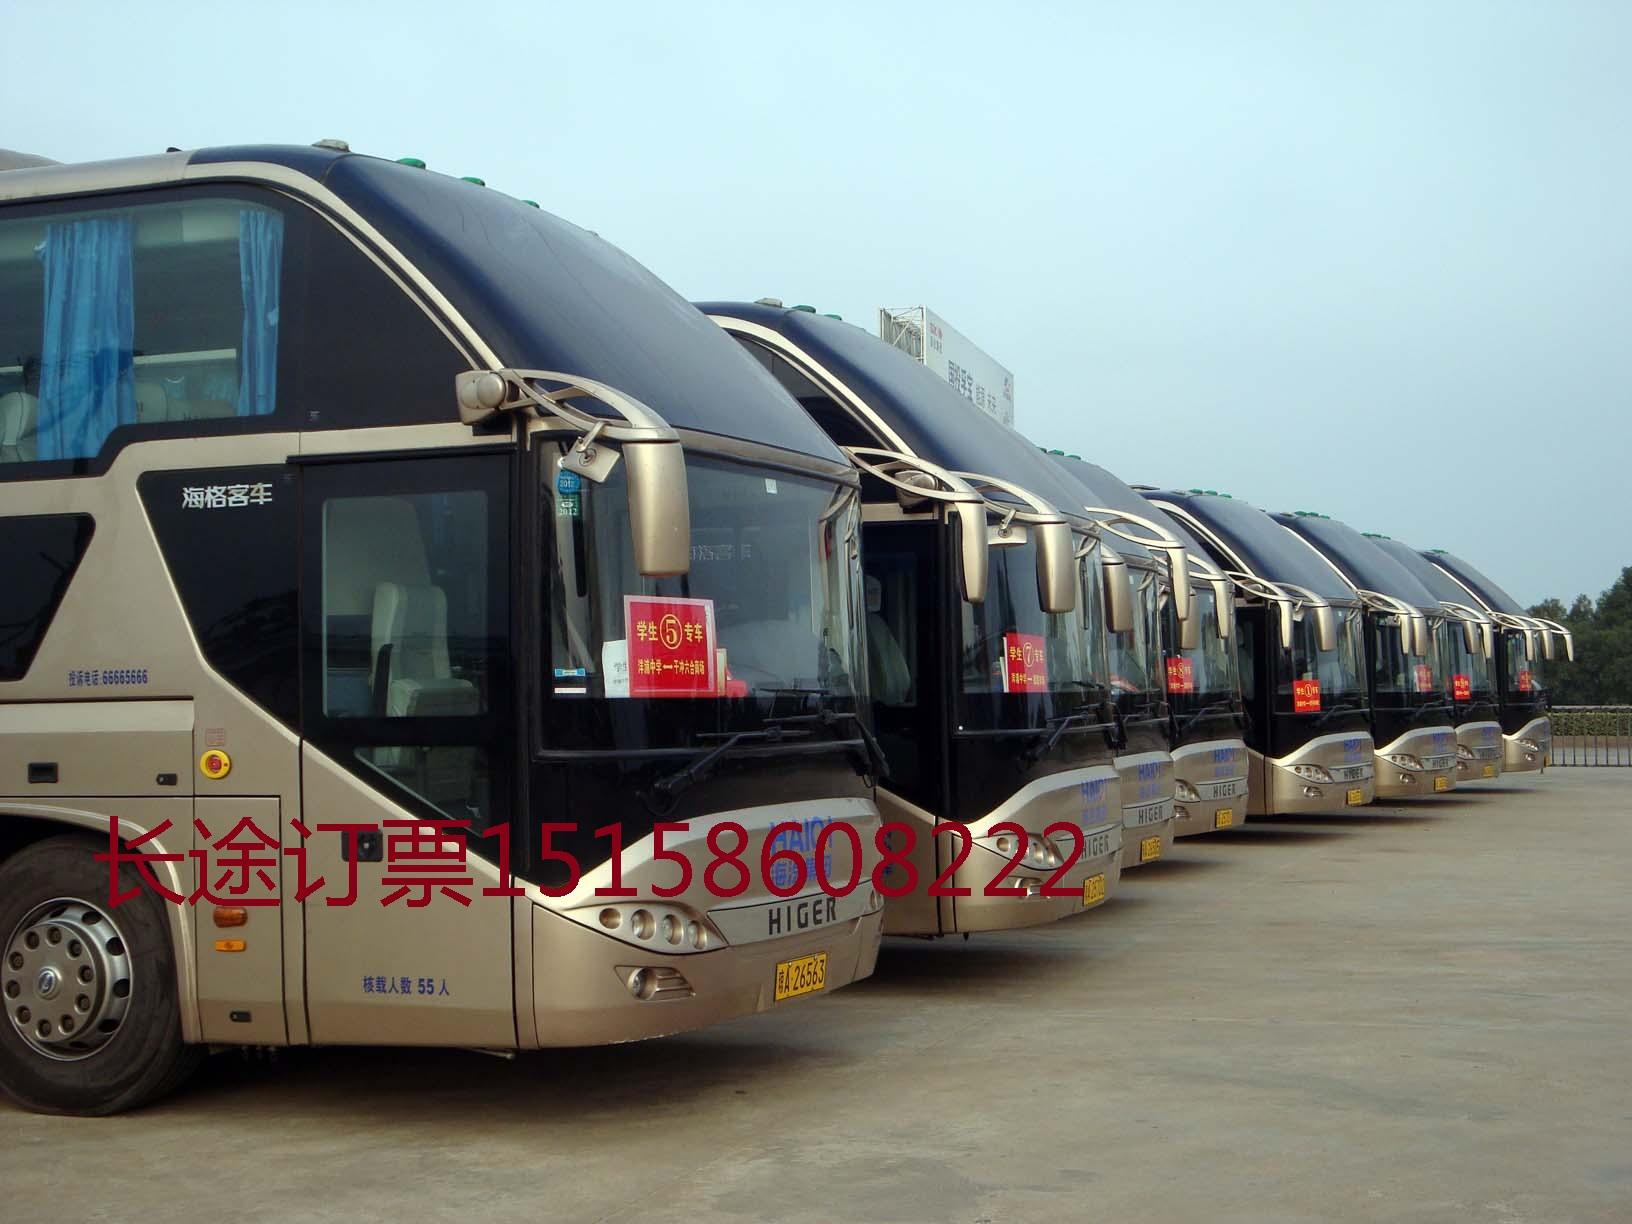 瑞安到宜春客车/特快物流13989711588长途汽车